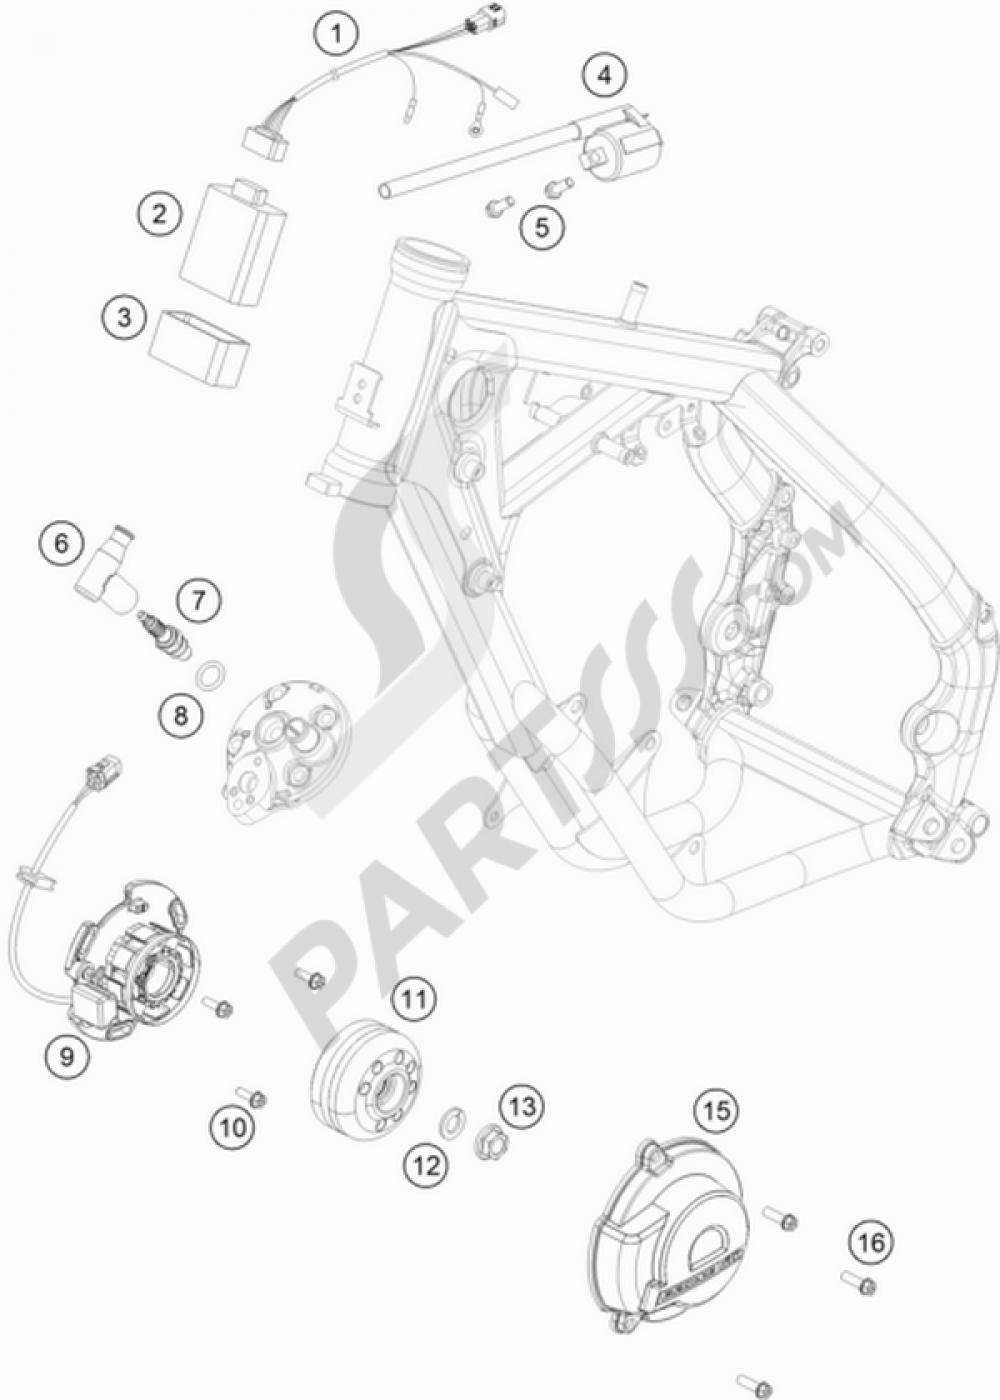 ignition system ktm 65 sx 2016 eu